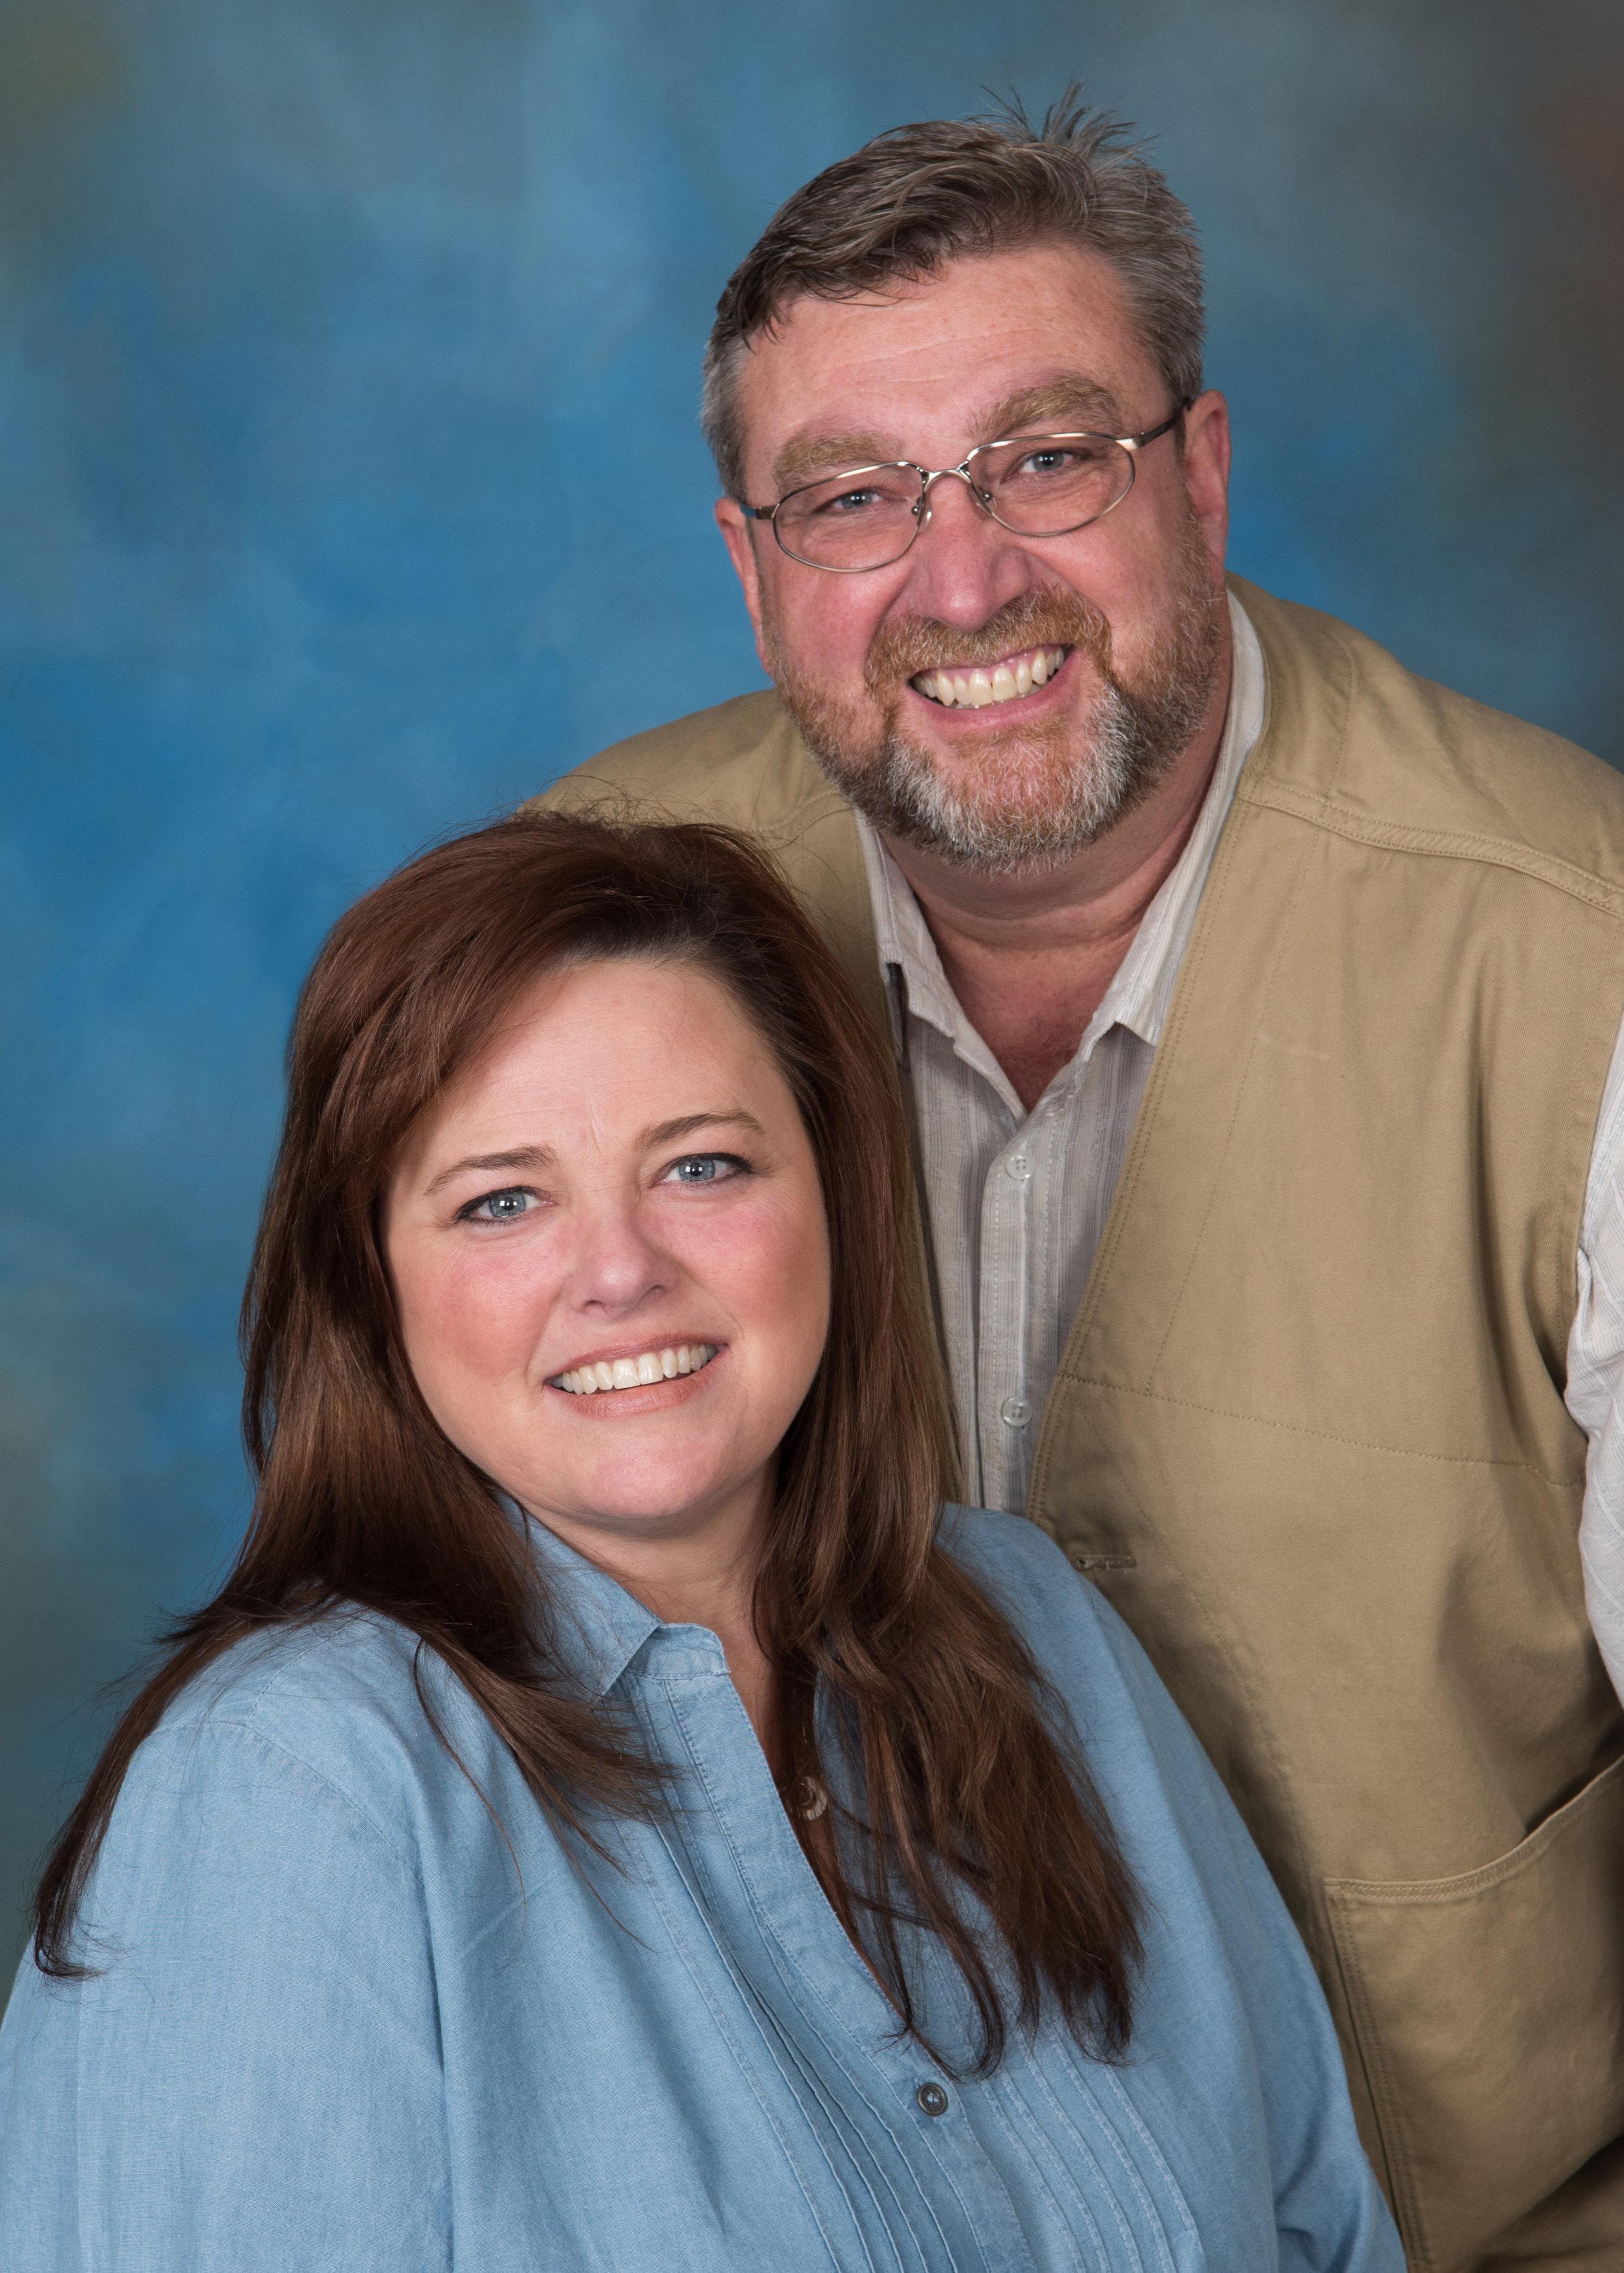 Randy & Jill Cropped.jpg